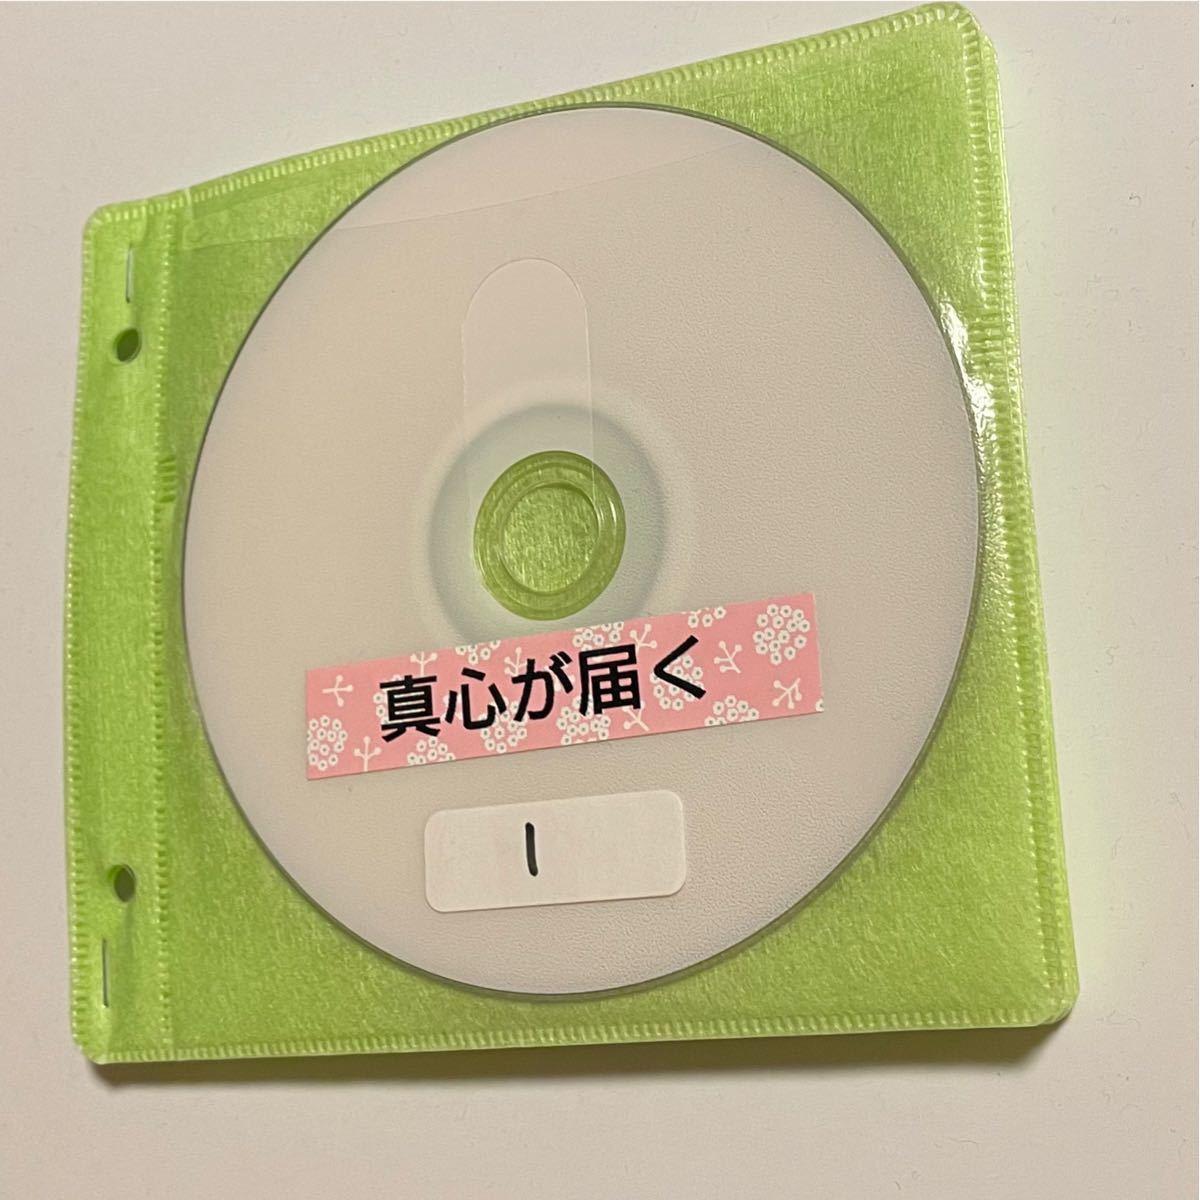 真心が届く 韓国ドラマ DVD